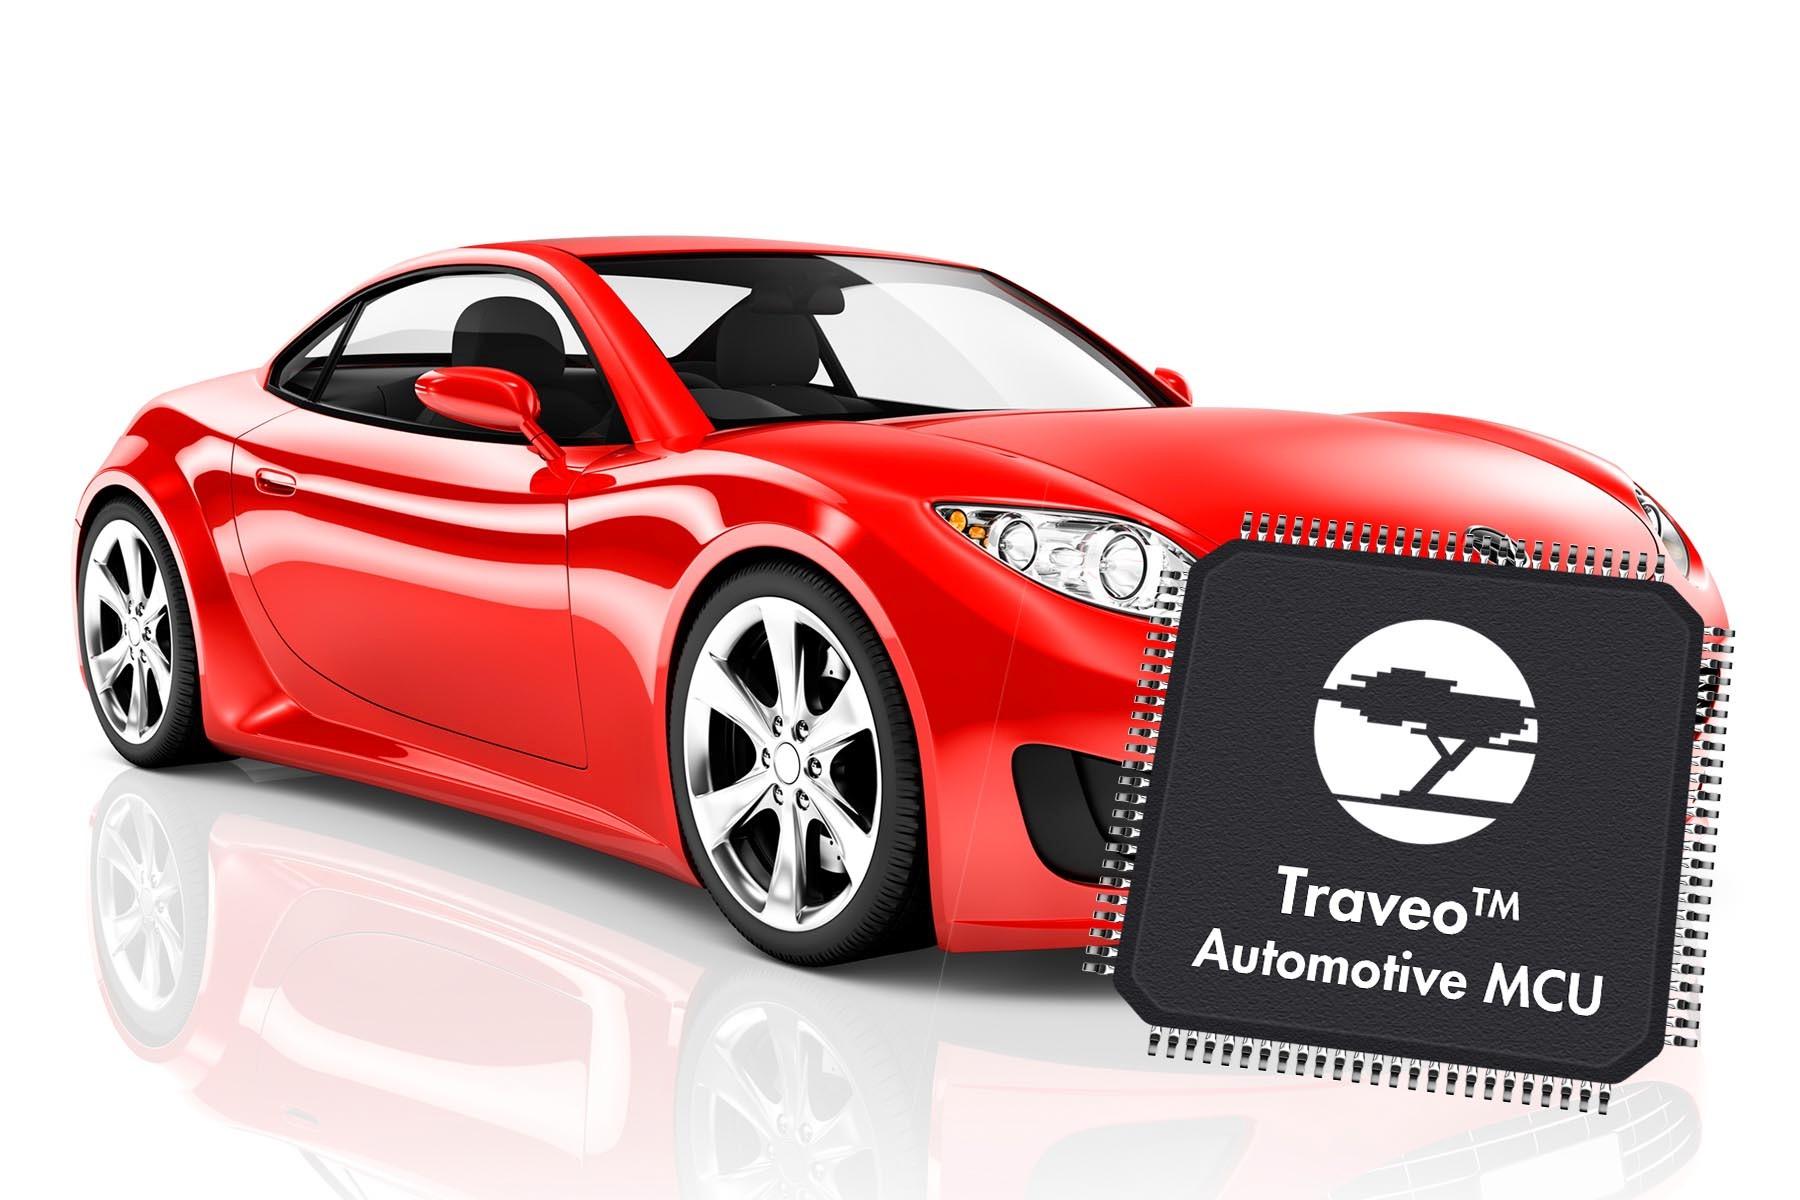 电装采用赛普拉斯车用MCU和闪存打造丰田2017款凯美瑞高端仪表盘